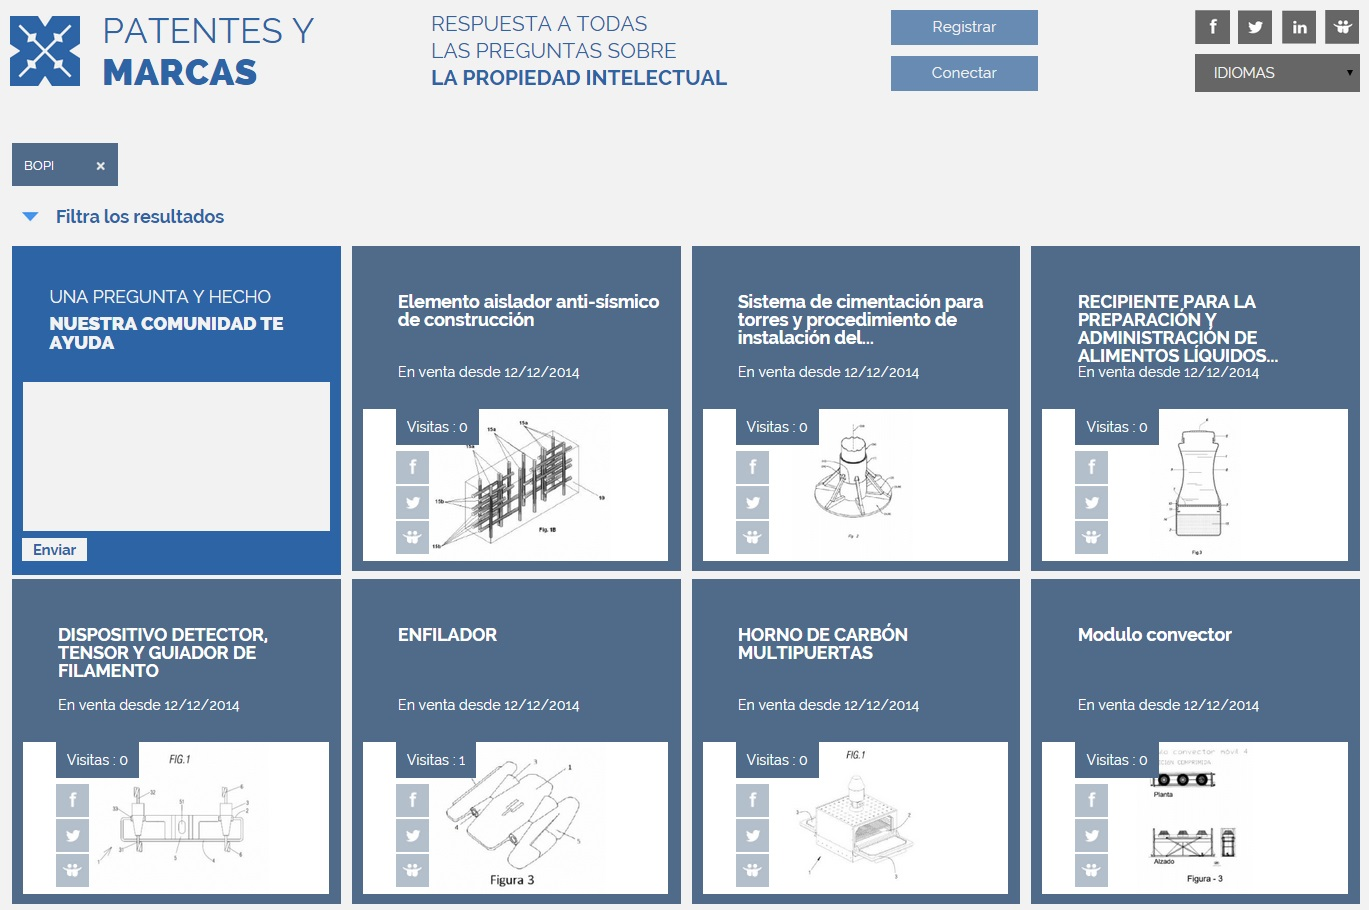 publicaciones de patentes españolas